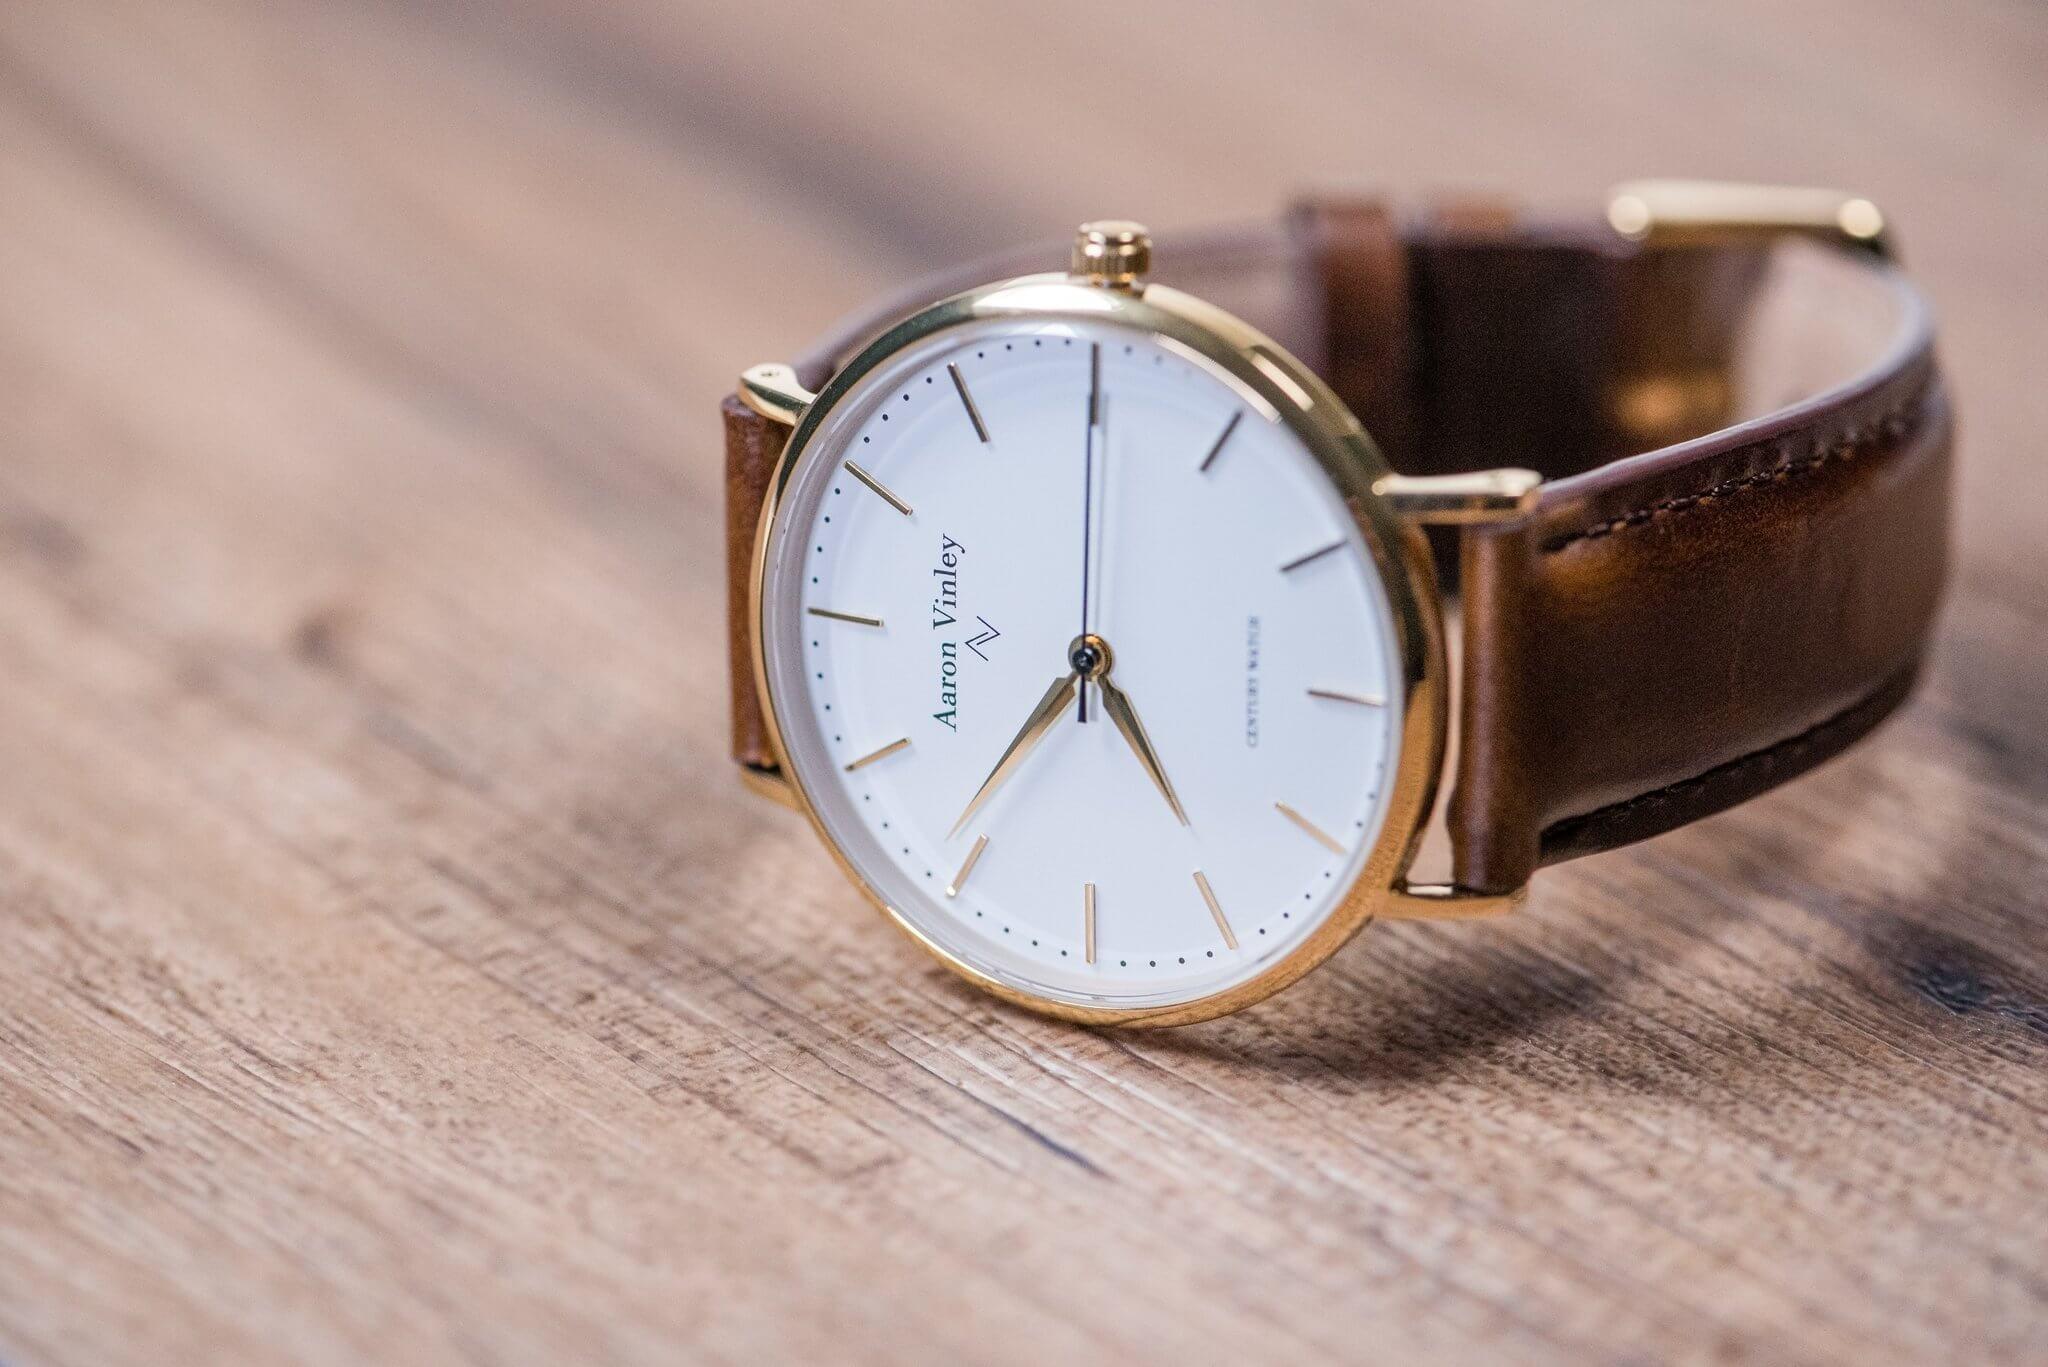 Aaron Vinley Watches – Ein deutsches Startup aus der Uhrenindustrie mit viel Potential